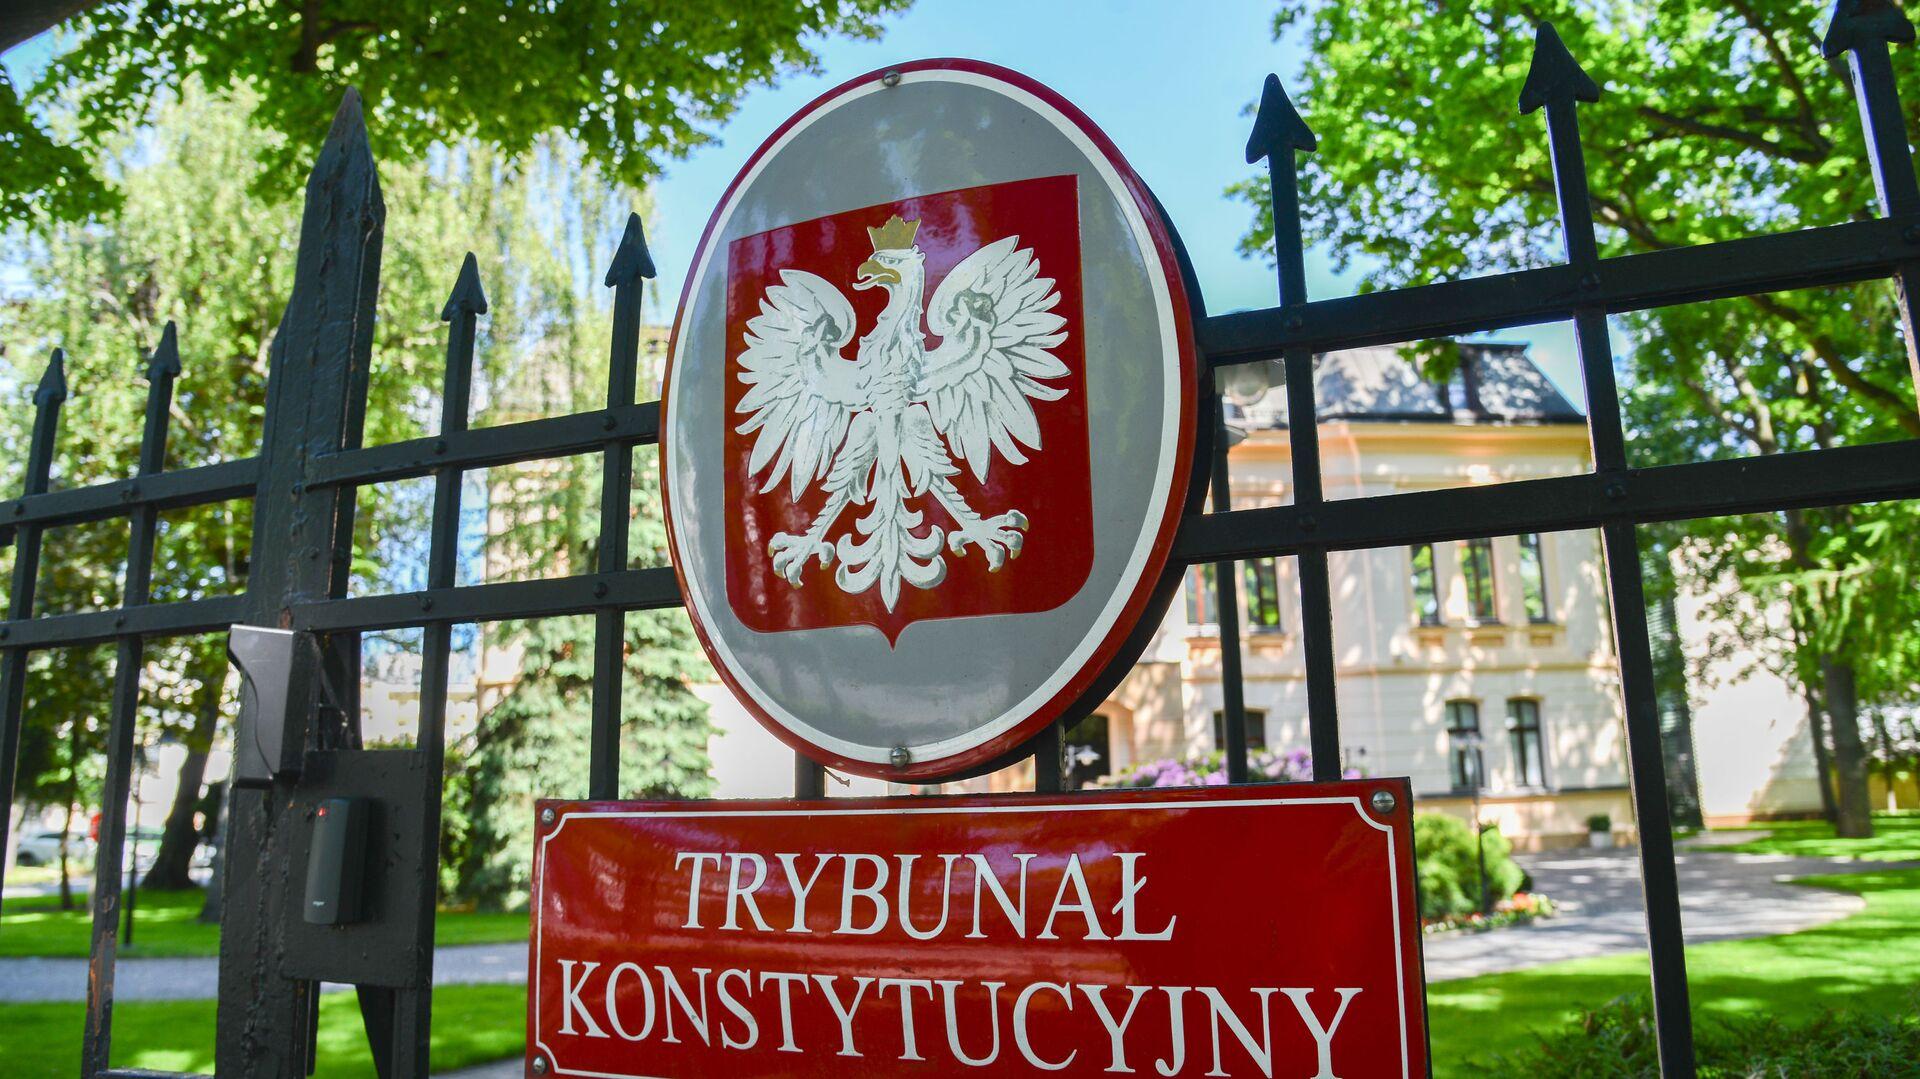 Trybunał Konstytucyjny - Sputnik Polska, 1920, 31.07.2021